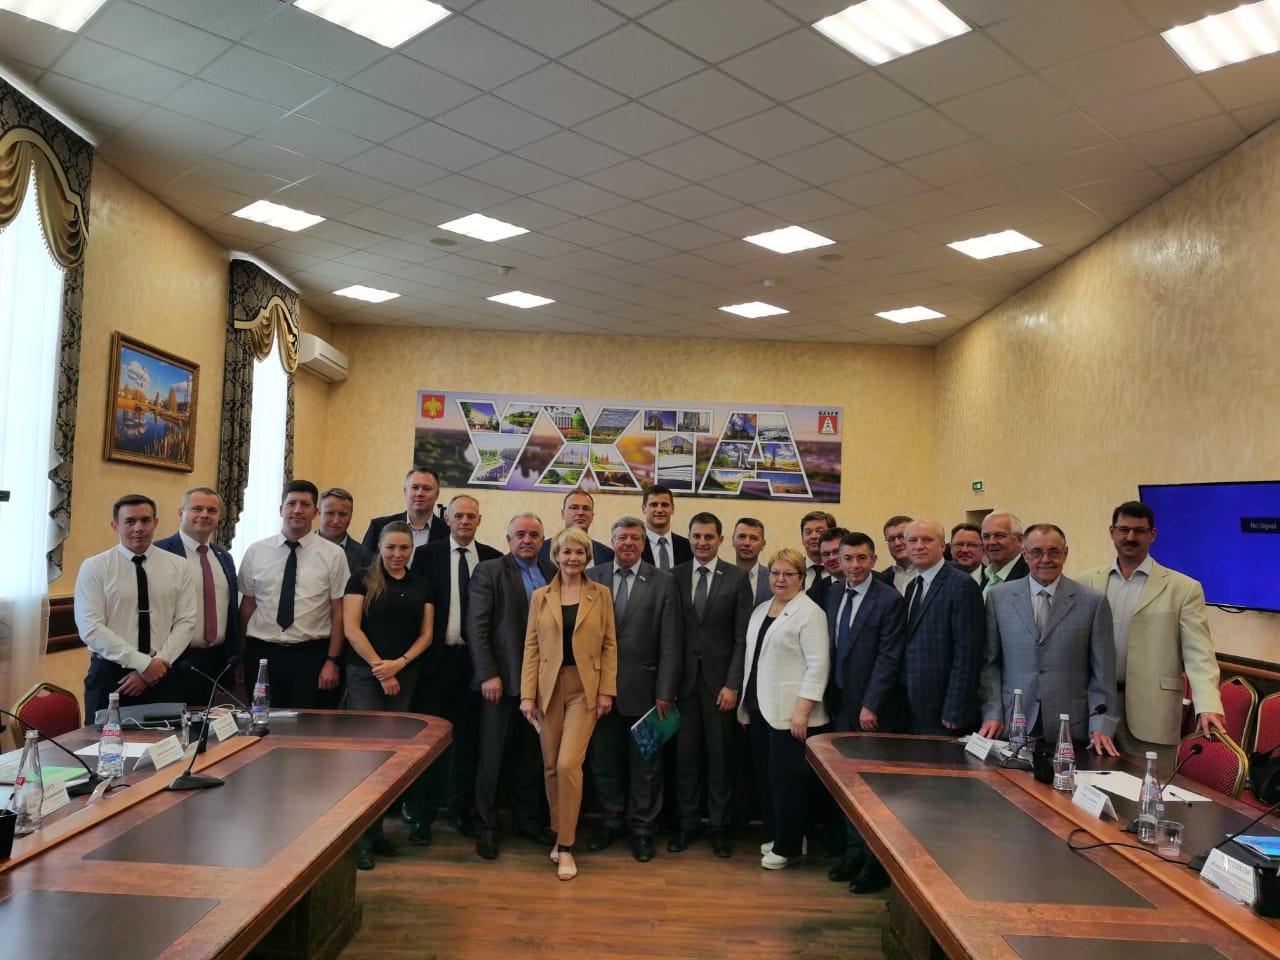 Выездное расширенное заседание развития Арктической зоны РФ в г. Ухта